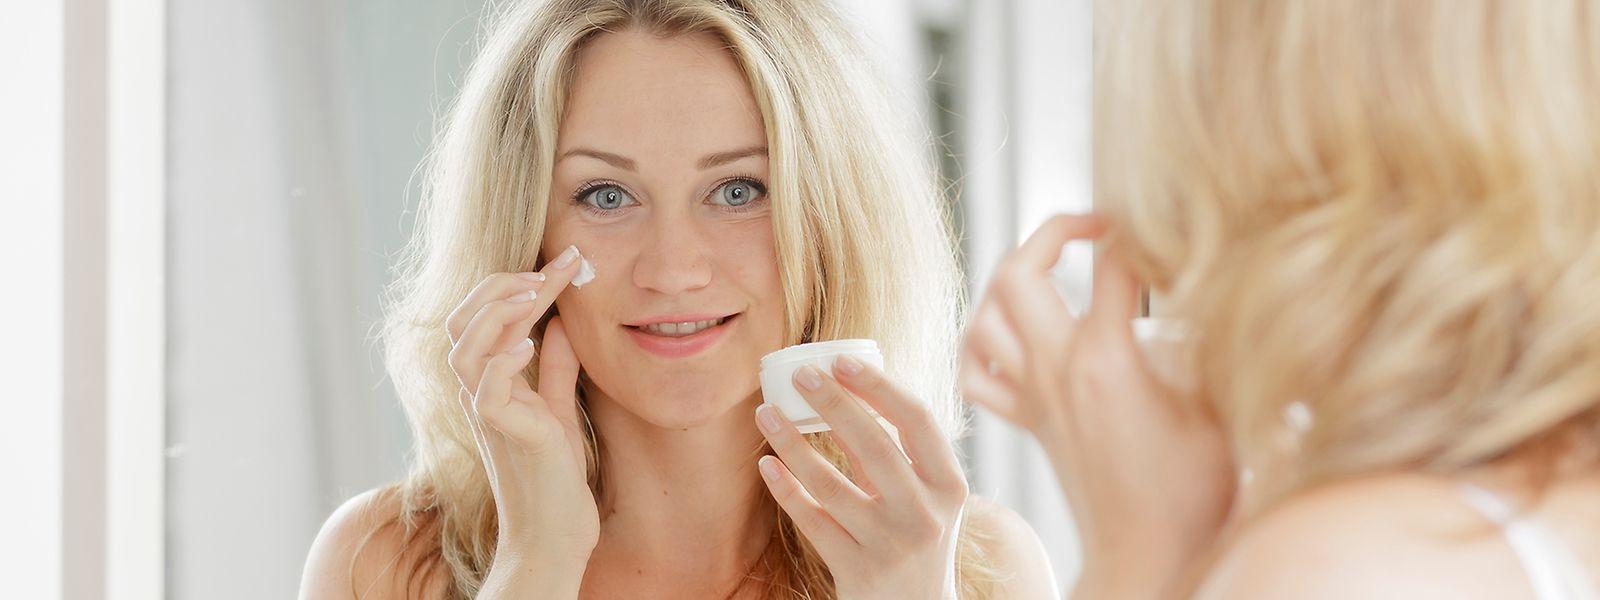 Welche Creme ins Gesicht kommt, hängt nicht nur vom Hauttyp ab: Auch die Tages- und Jahreszeit gibt vor, welche Wirkstoffe wichtig sind.